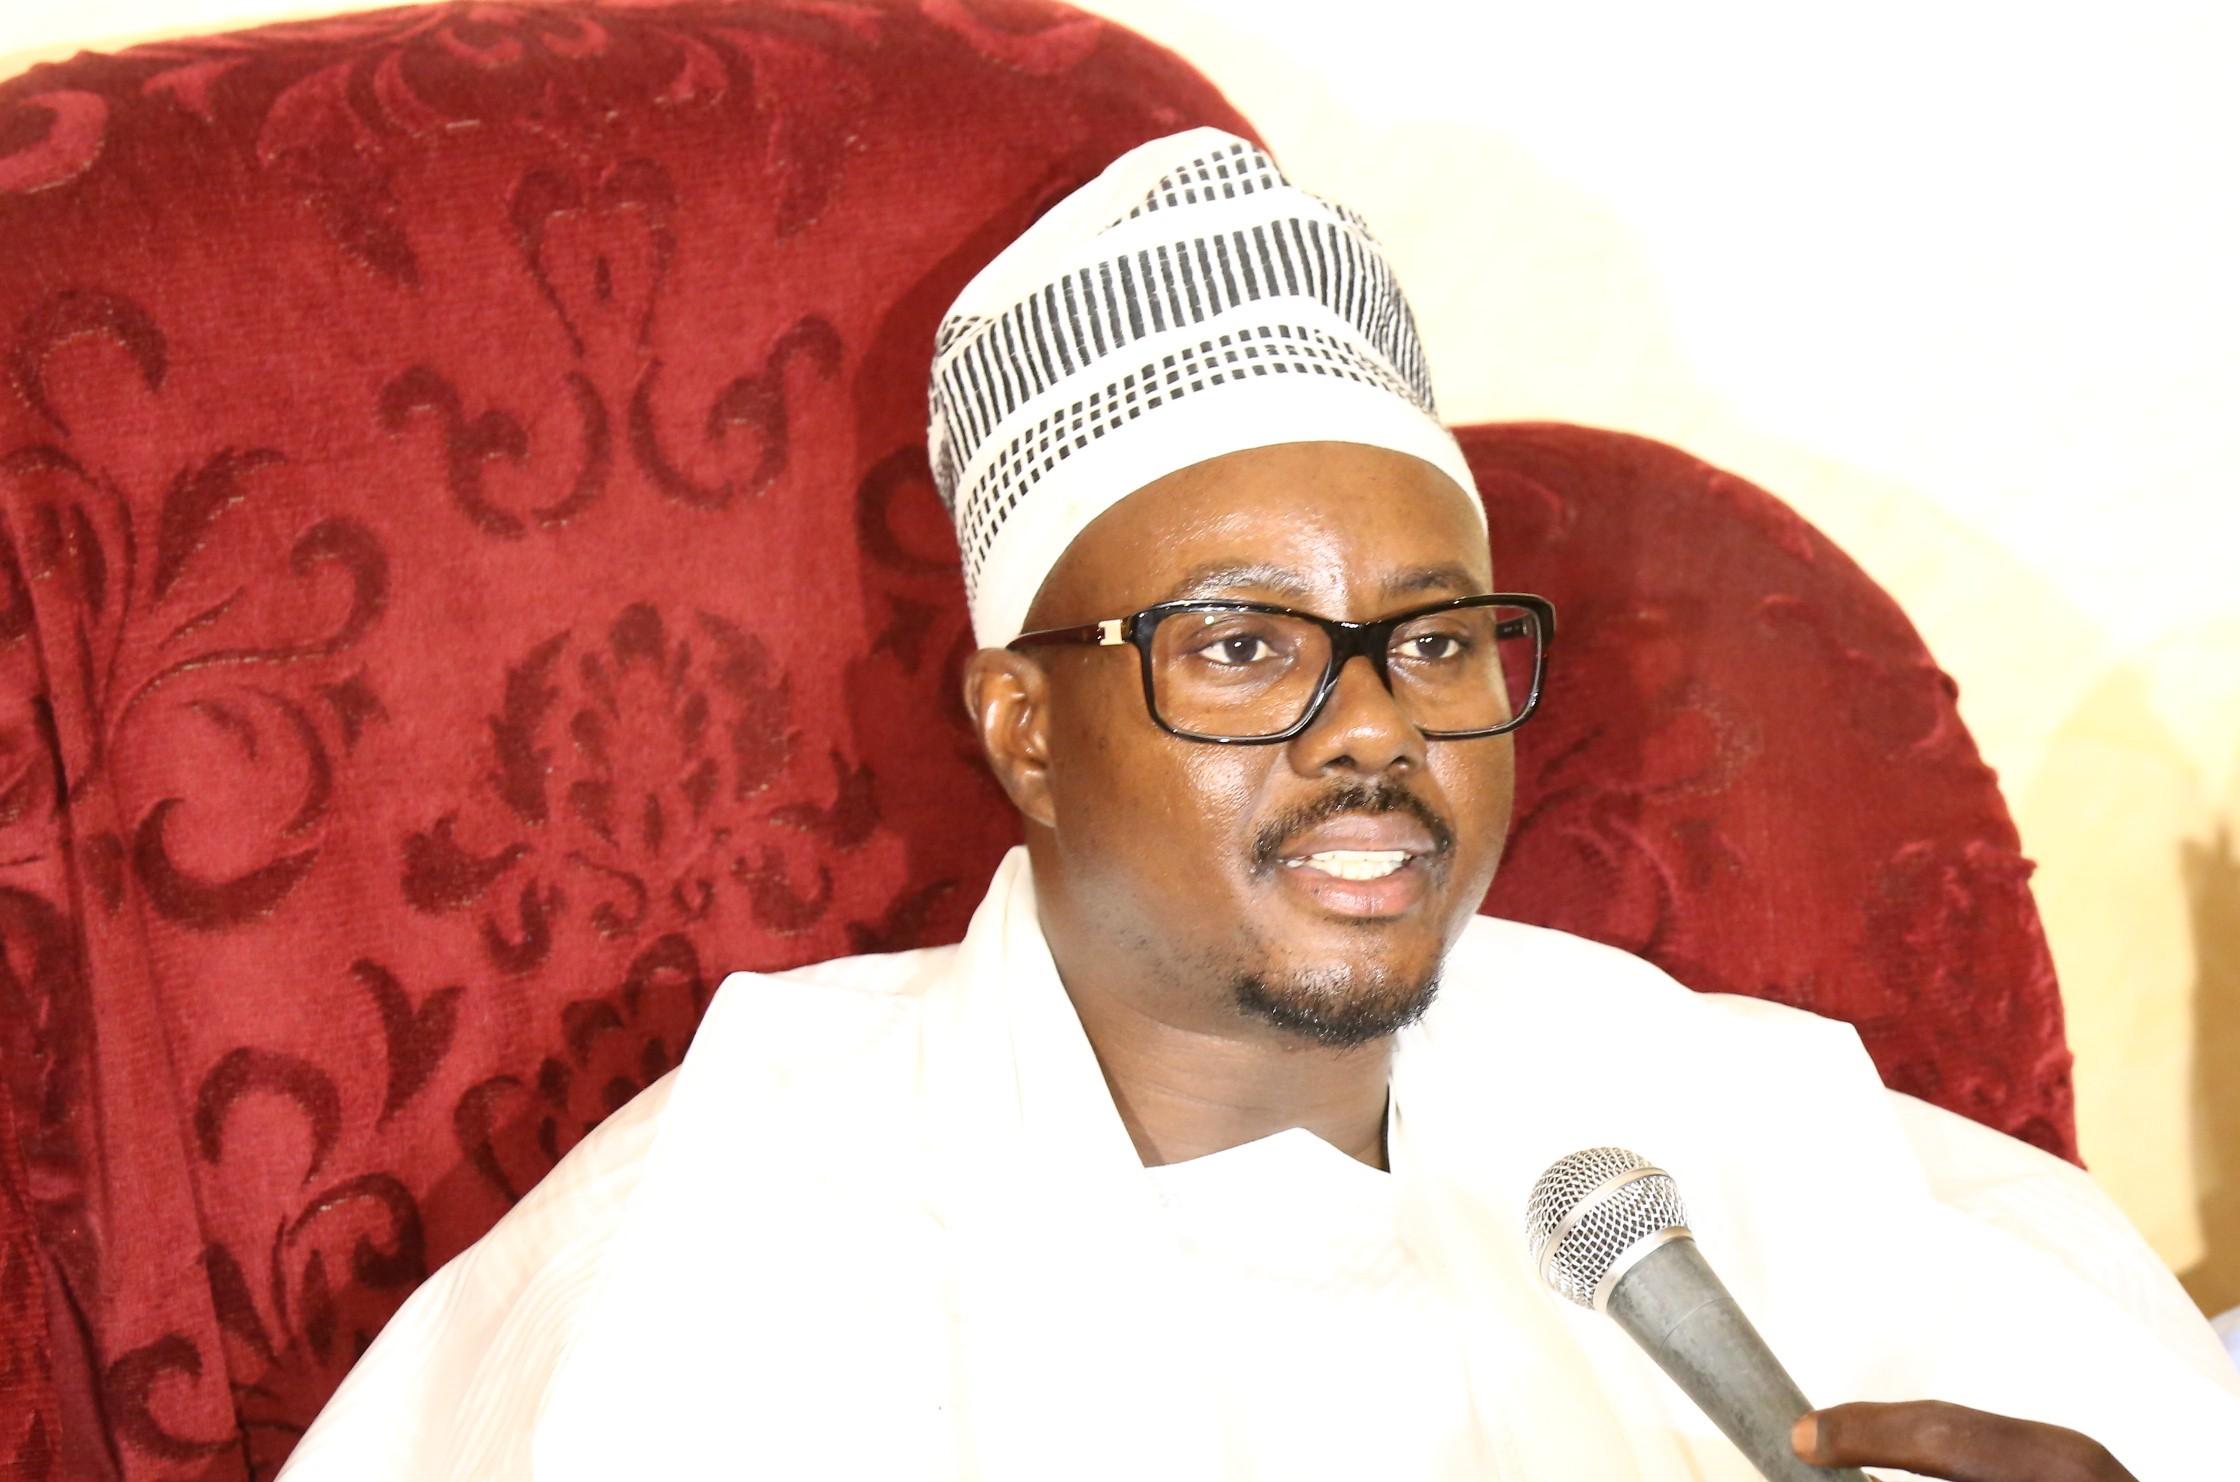 """TOUBA - Serigne Bassirou Abdou Khadre Mbacké : """"le khalife général n'a jamais interdit le vote à Touba. Au contraire, il a…"""""""